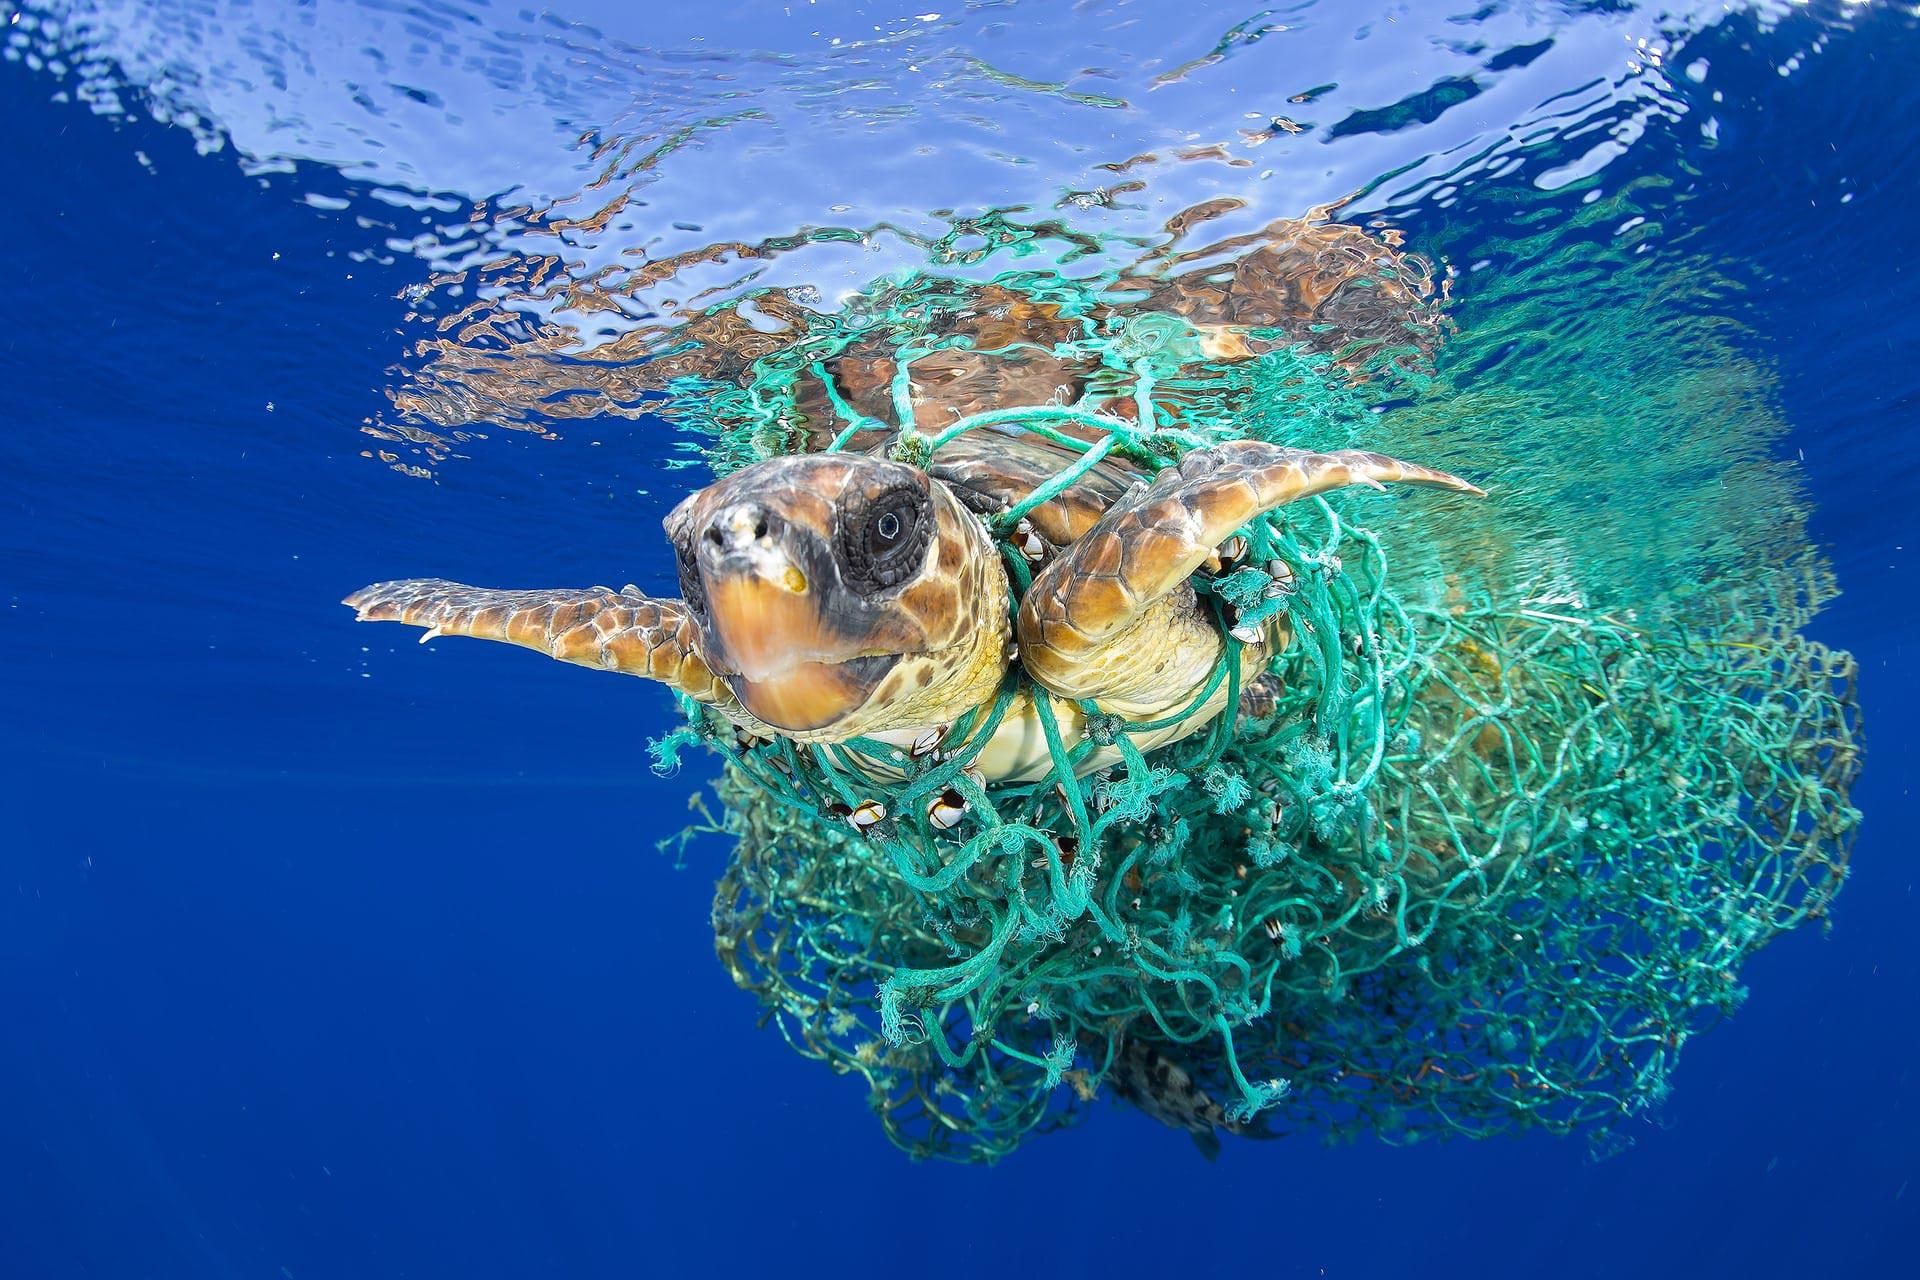 мировой океан загрязнение, отходы, пластик, чистые пляжи, уборка пляжей